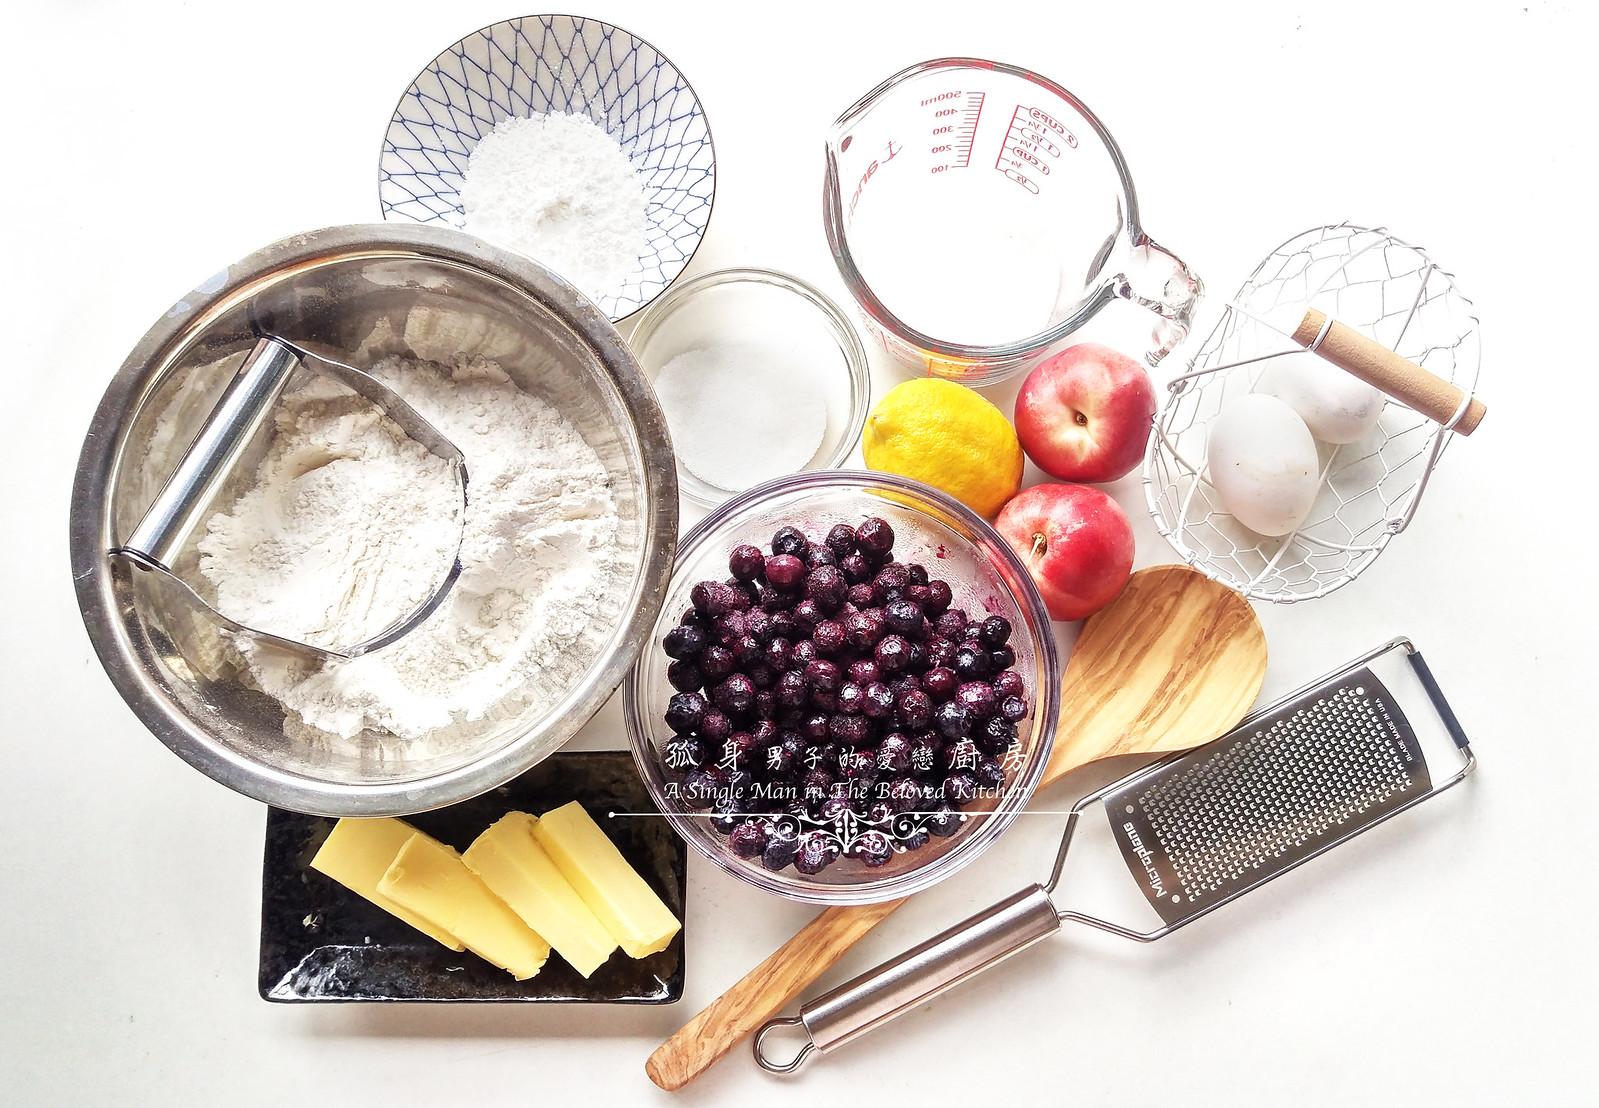 孤身廚房-藍莓甜桃法式烘餅Blueberry-Nectarin Galette2